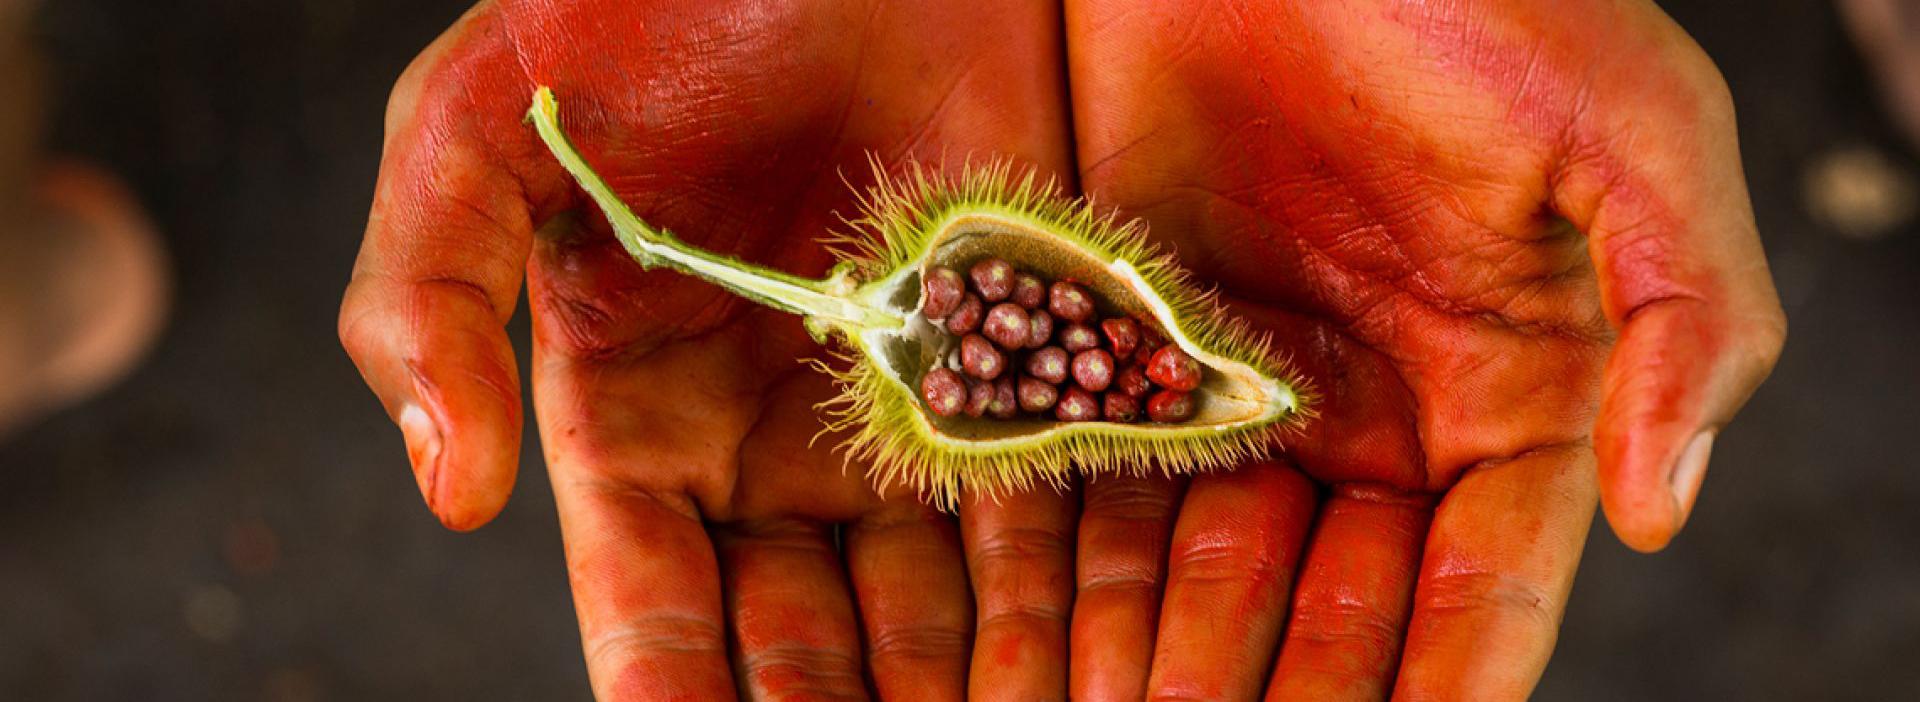 Mit Achiote Paste rot eingefärbte Hände halten eine offene Achiote-Kapsel